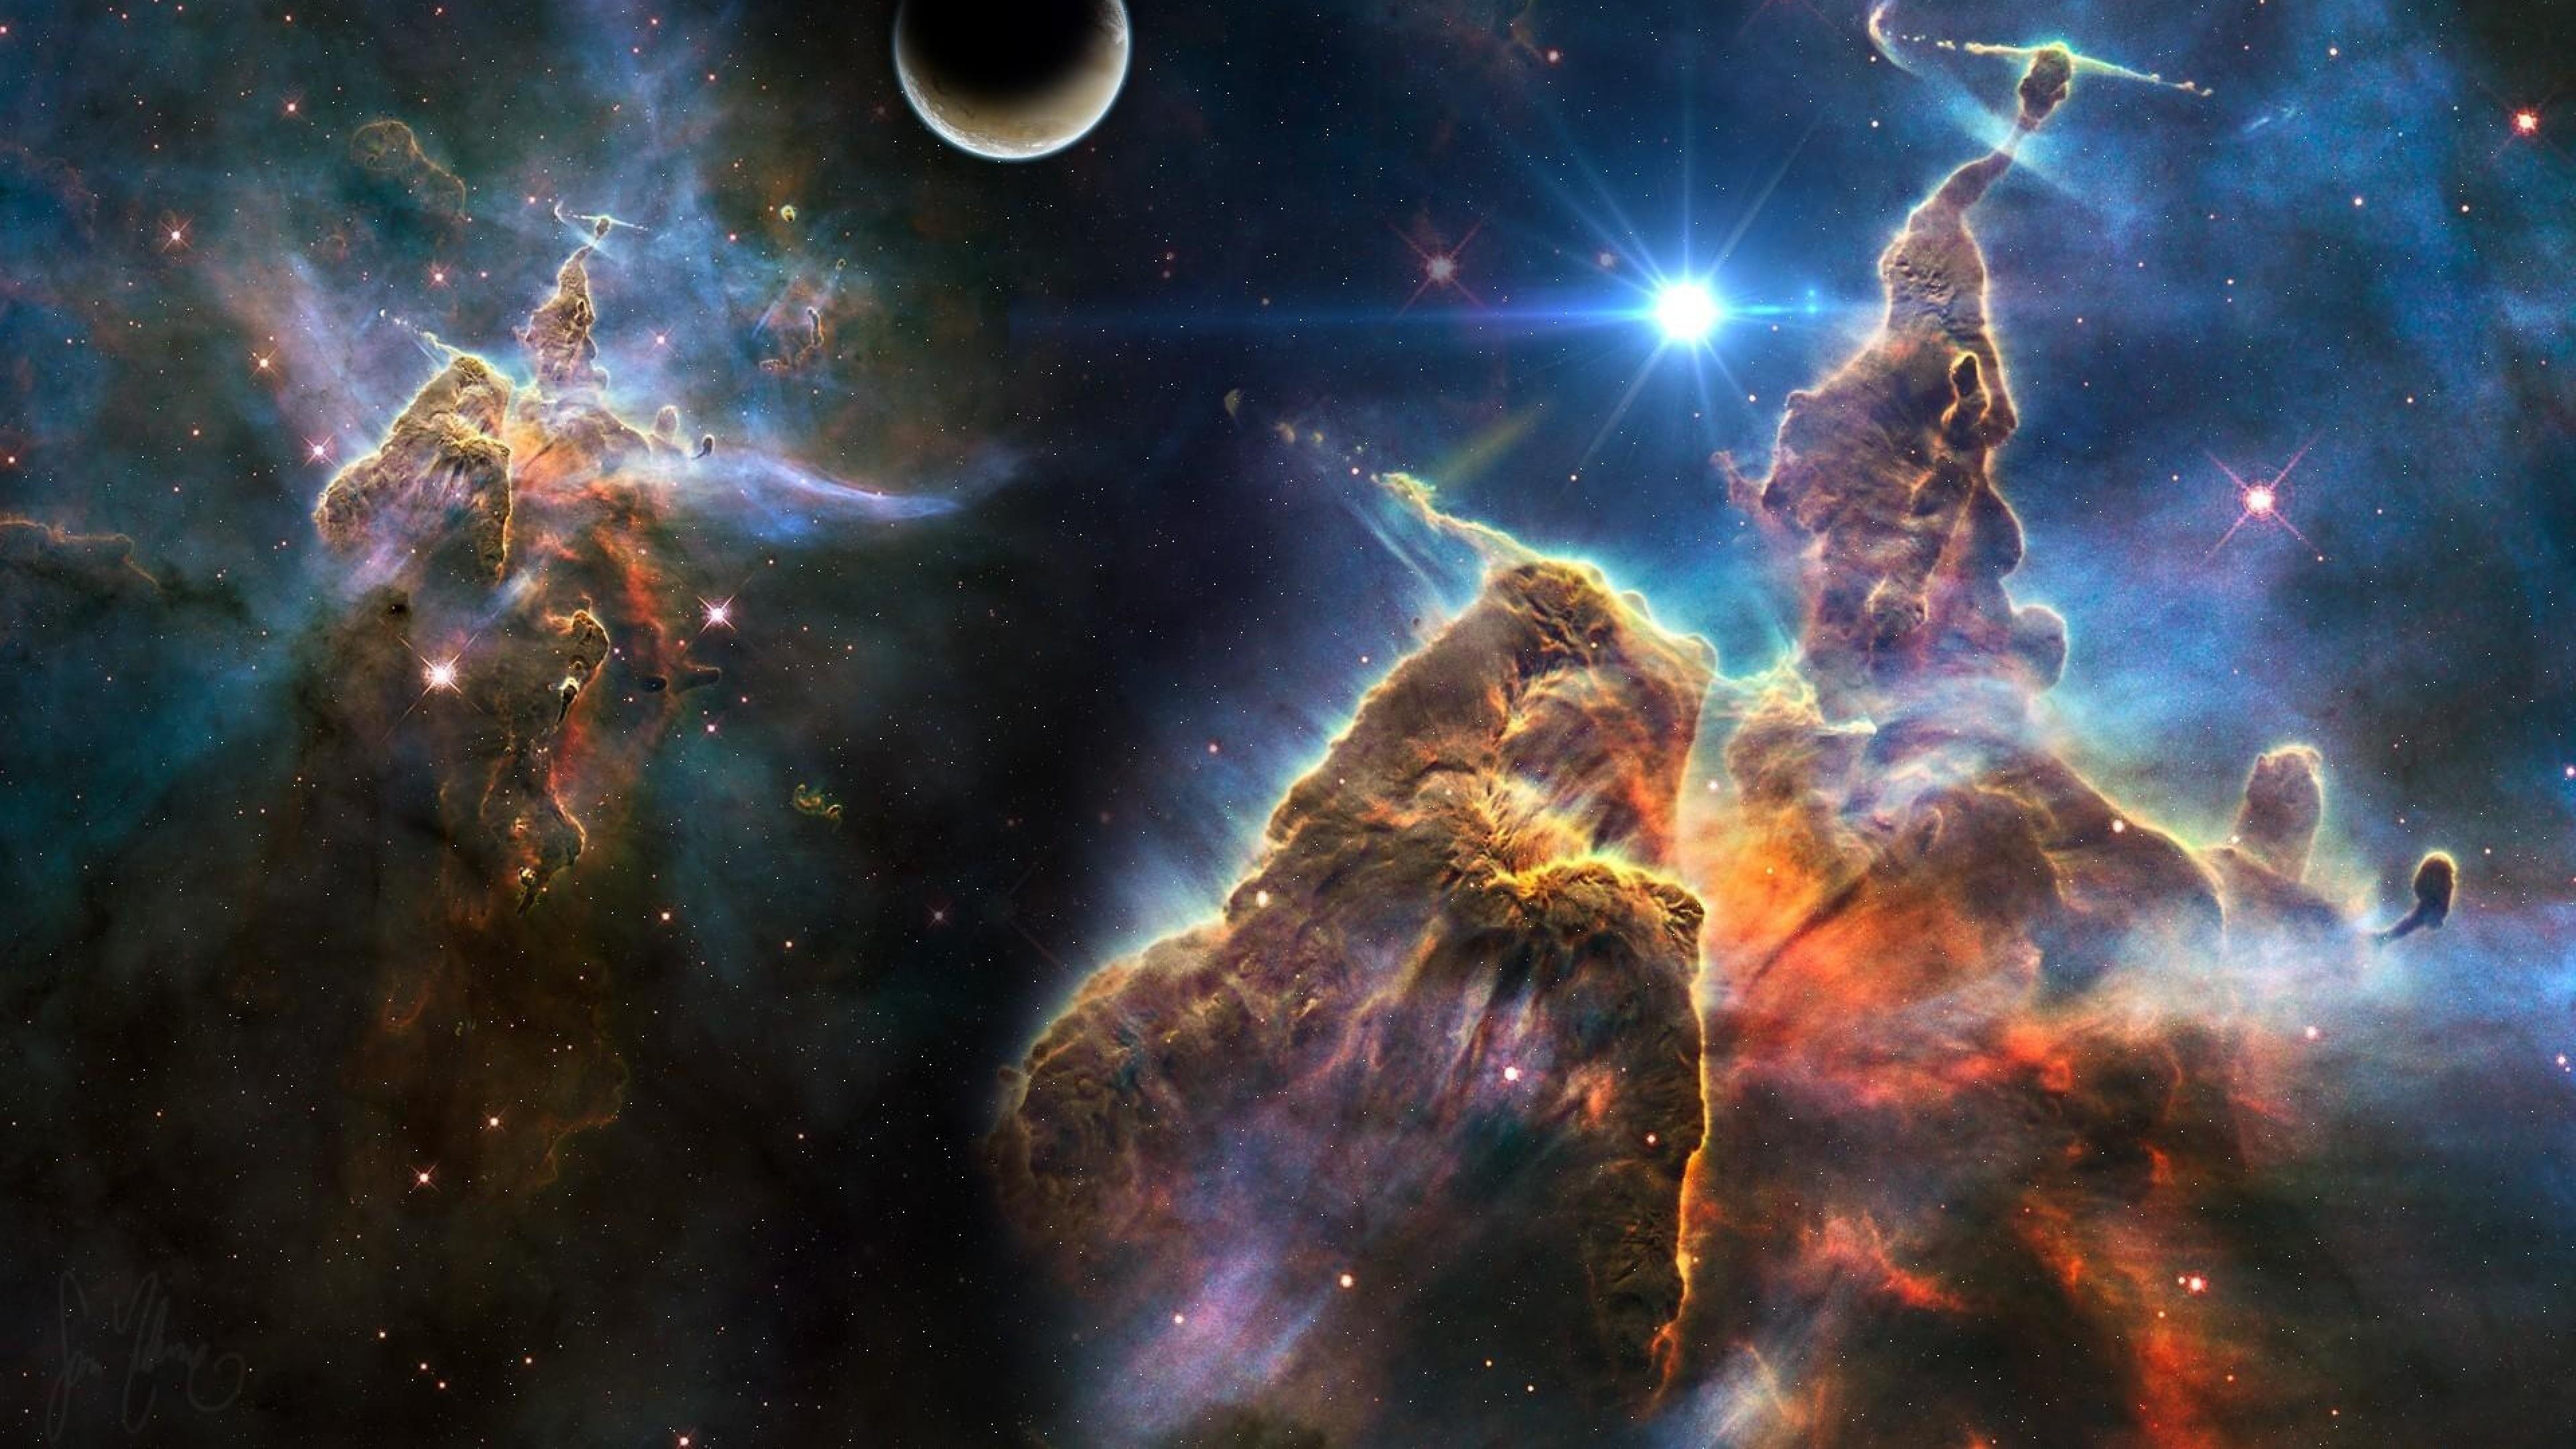 Universe 3d high resolution wallpaper hd.